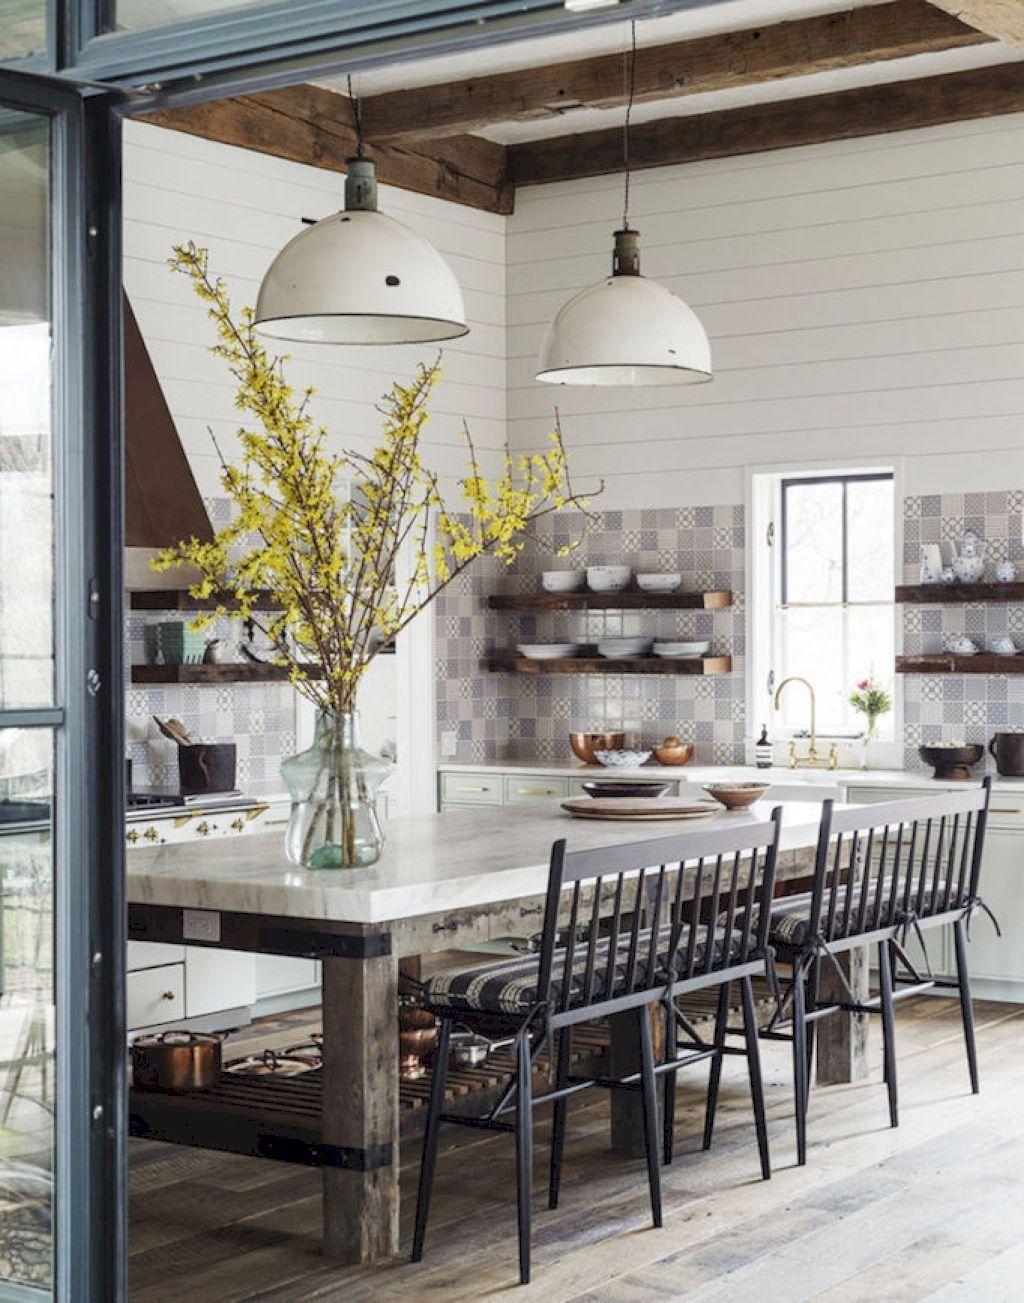 Farmhouse kitchen ideas farmhouse kitchens kitchens and